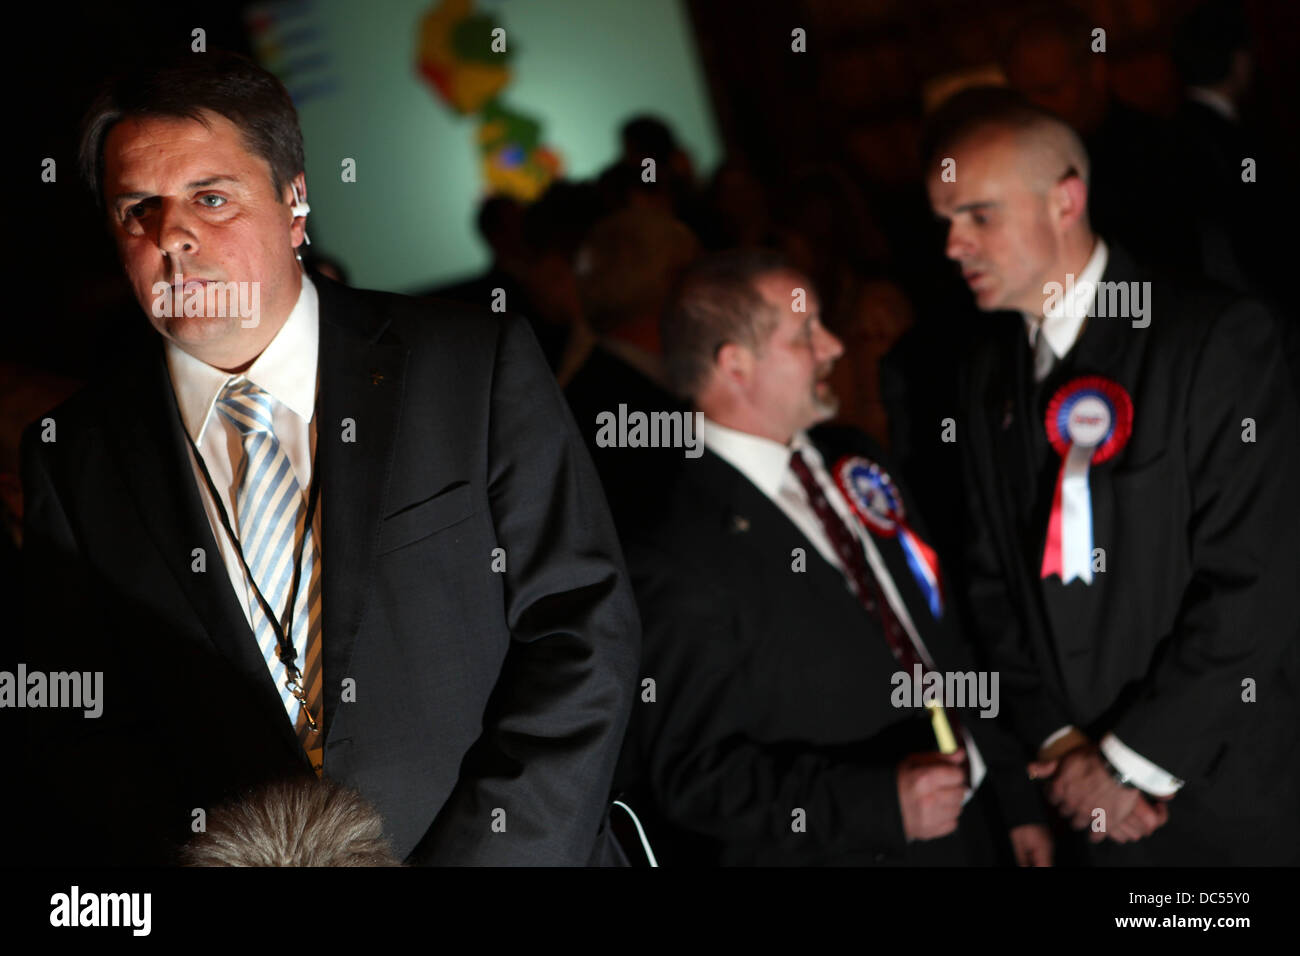 Parlamento europeo alle elezioni nel nord-ovest risultati notte a Manchester Town Hall. Nick Griffin. Immagini Stock